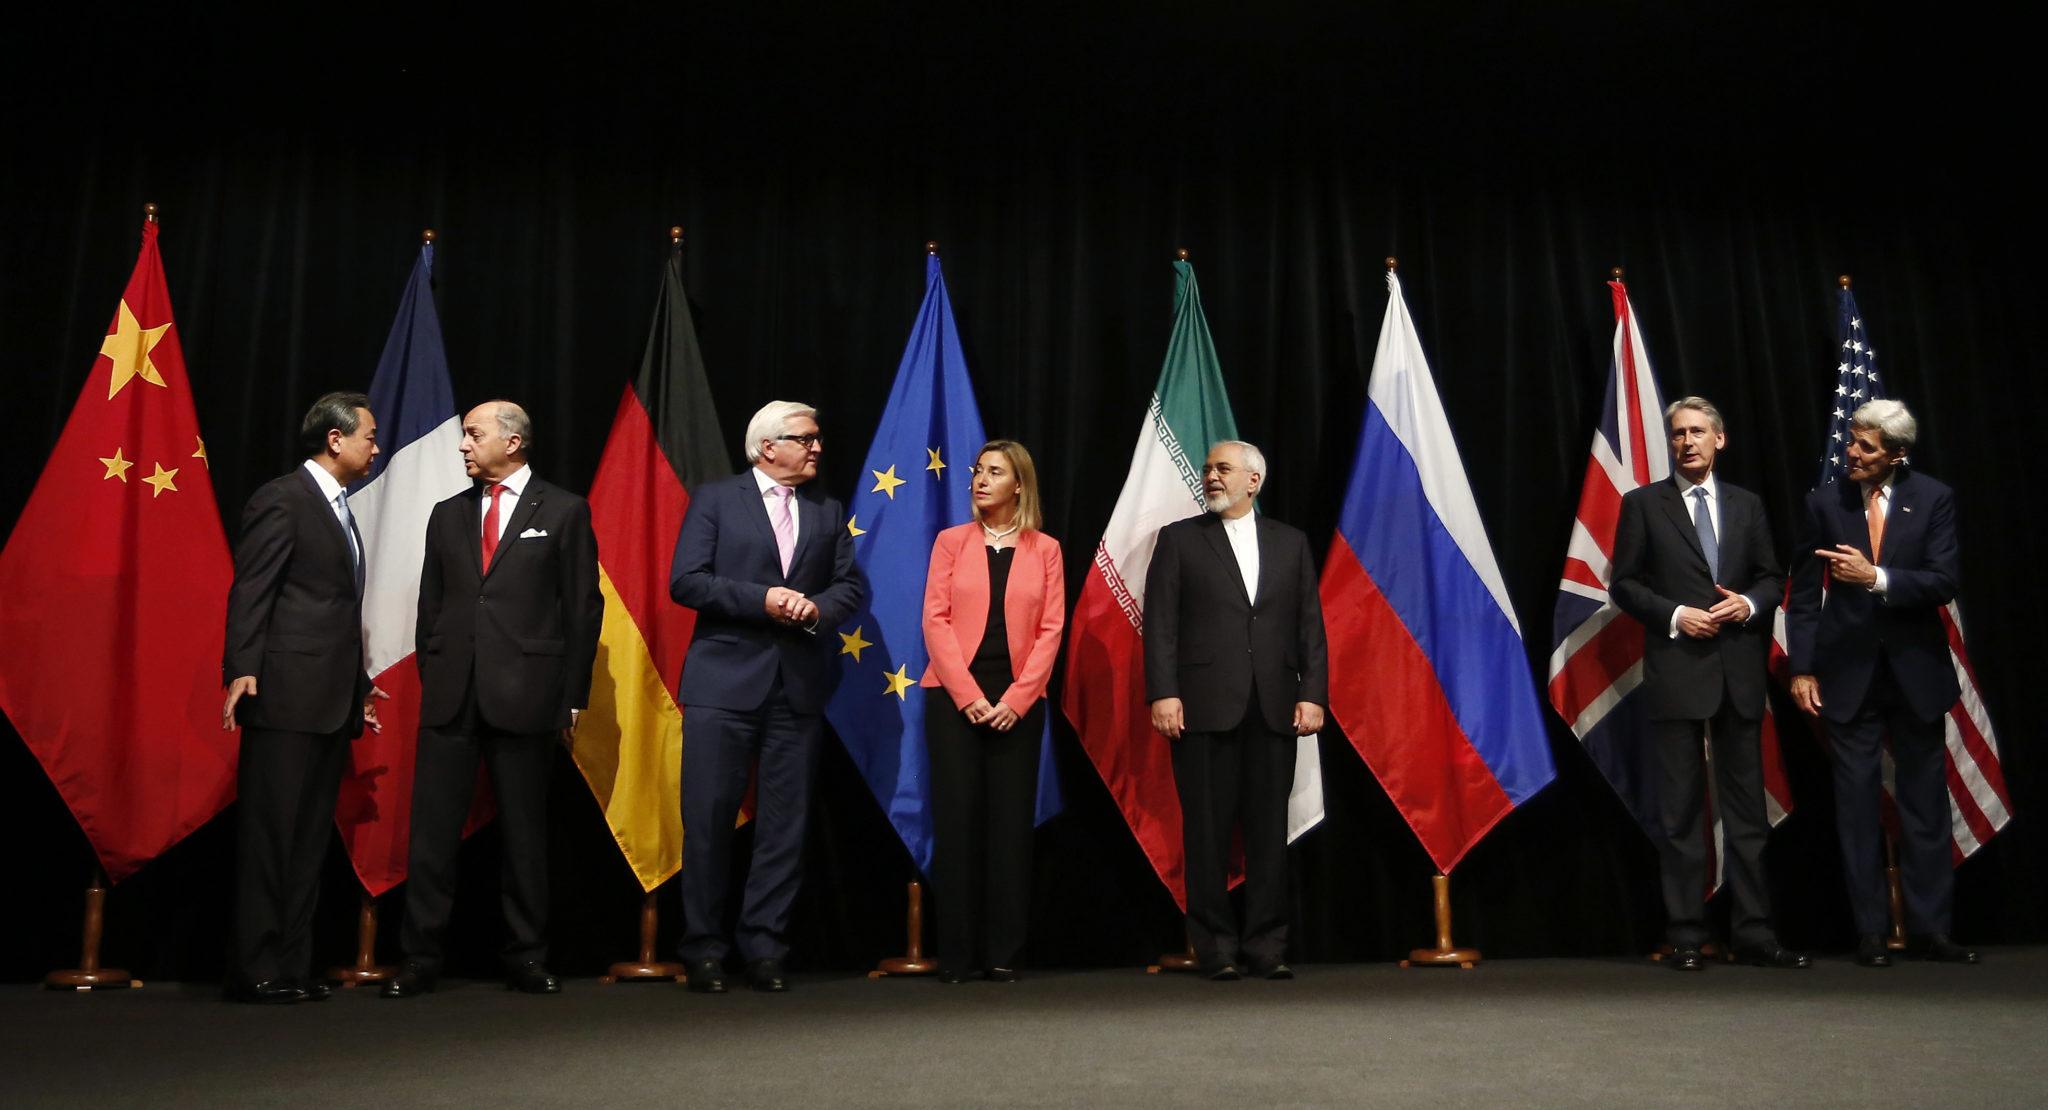 Negara-negara penandatangan perjanjian nuklir Iran, JCPOA, sebelum AS keluar darinya.